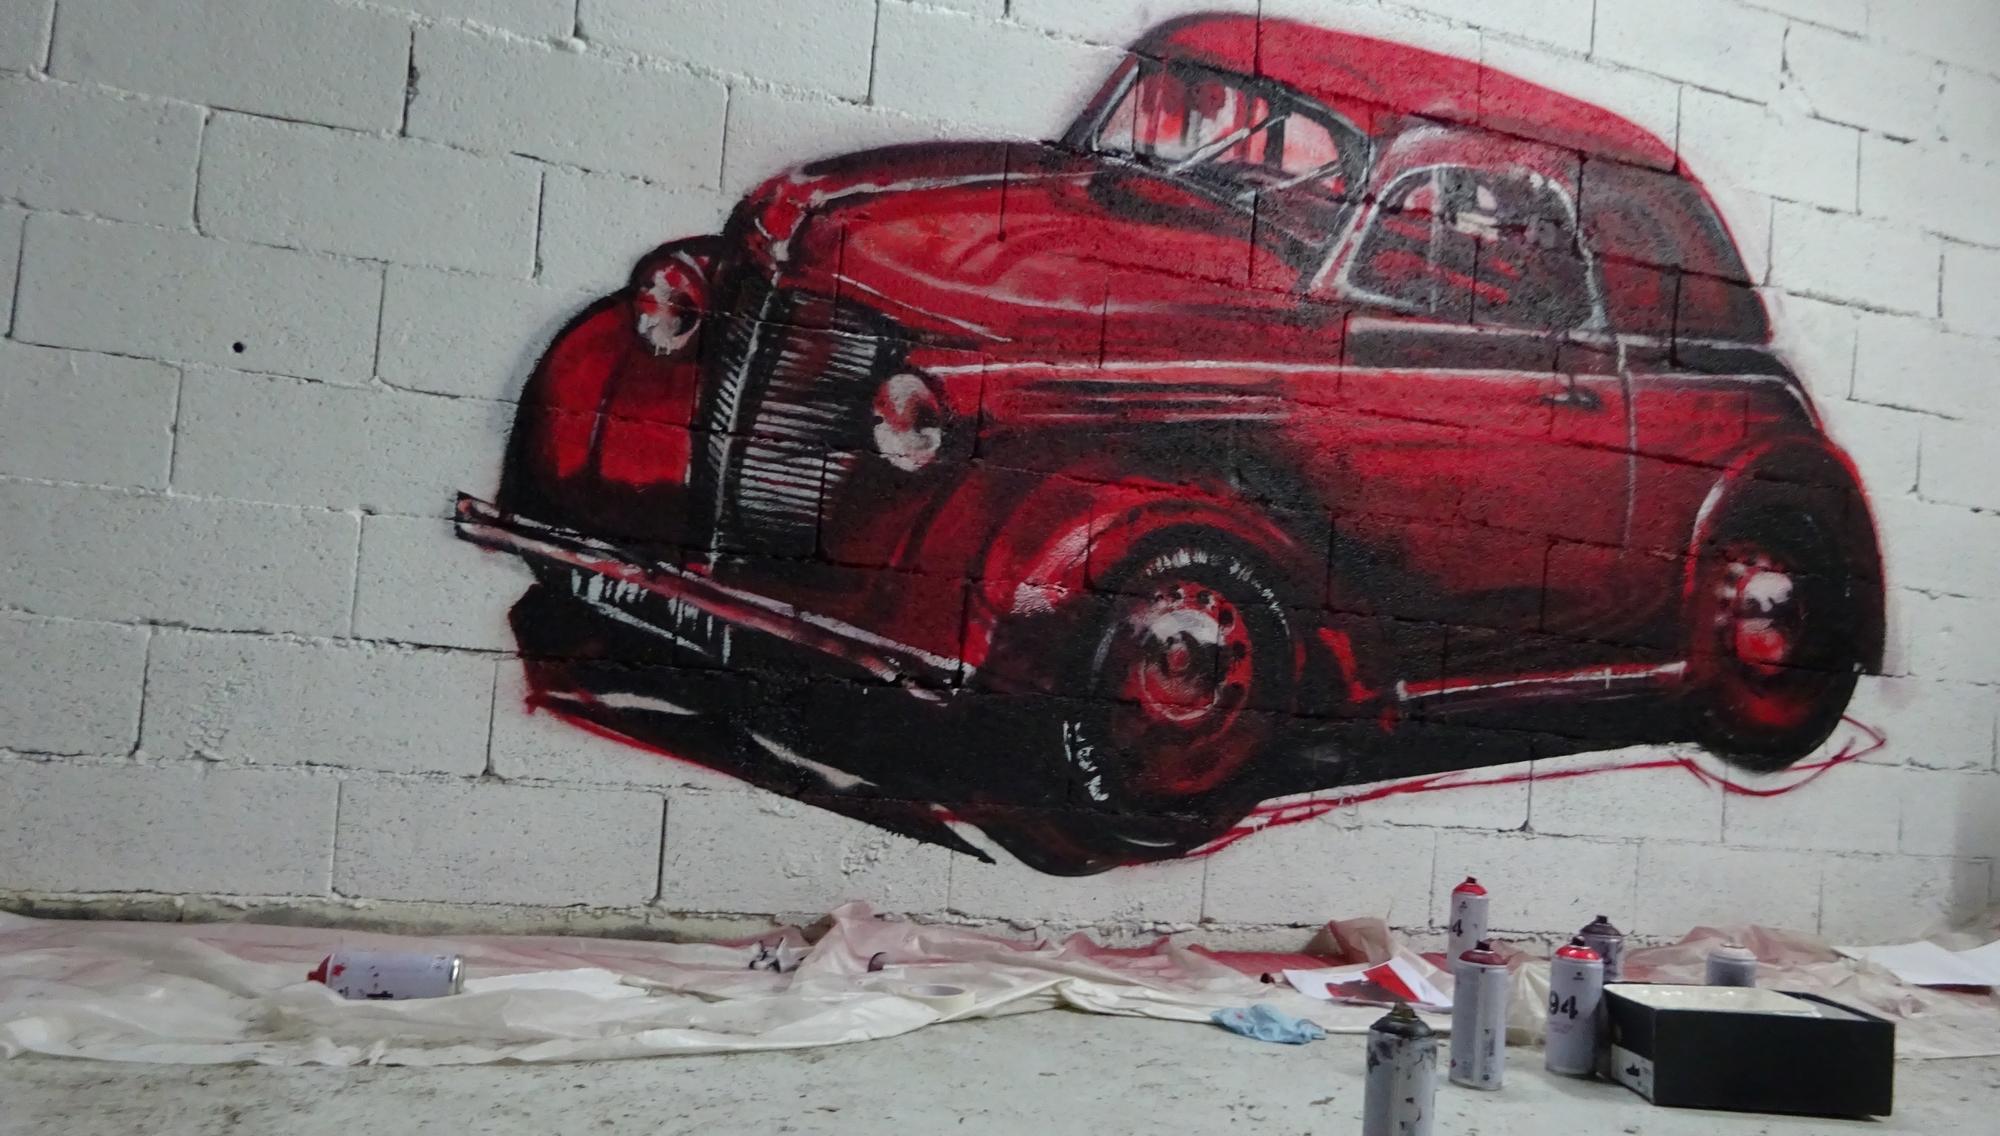 une voiture renault de collection, juvaquatre en graffiti dessiné